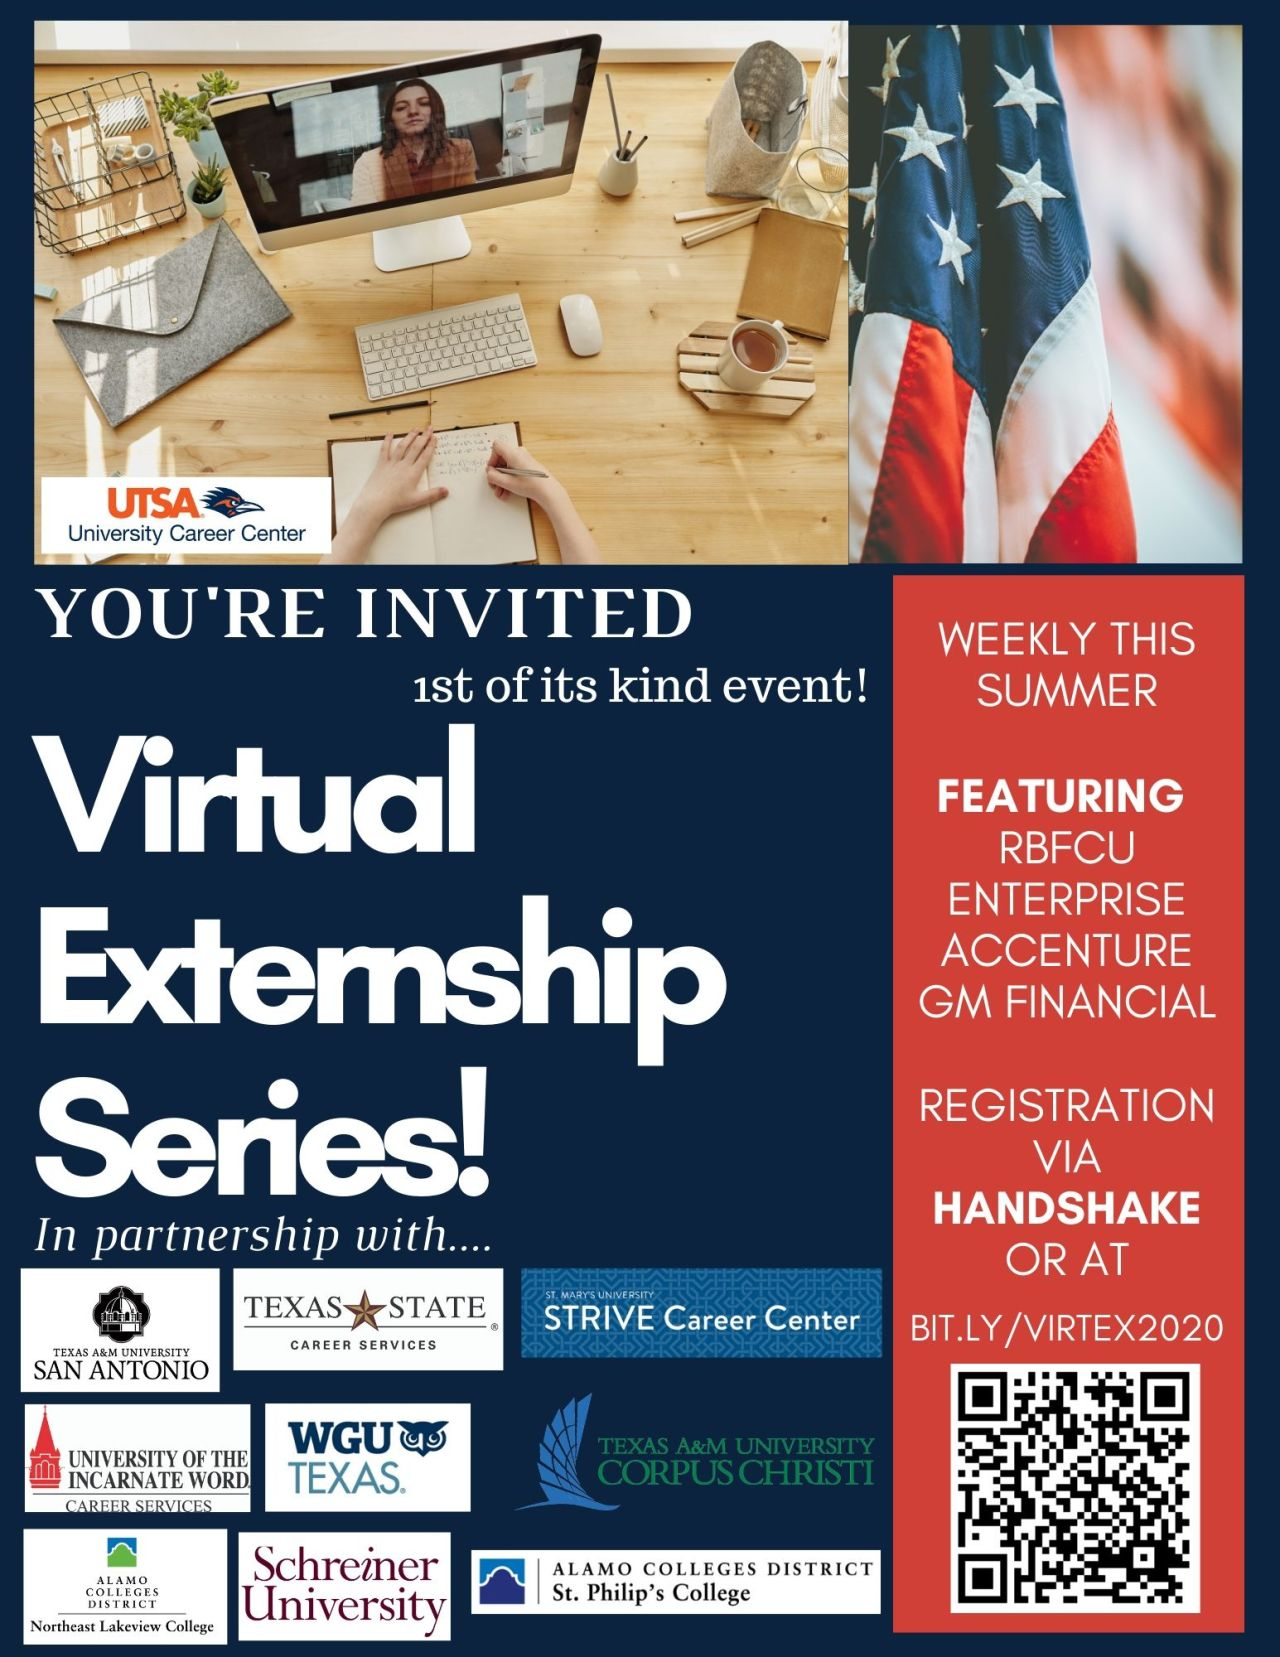 Virtual Externships 2020 Registration Flyer